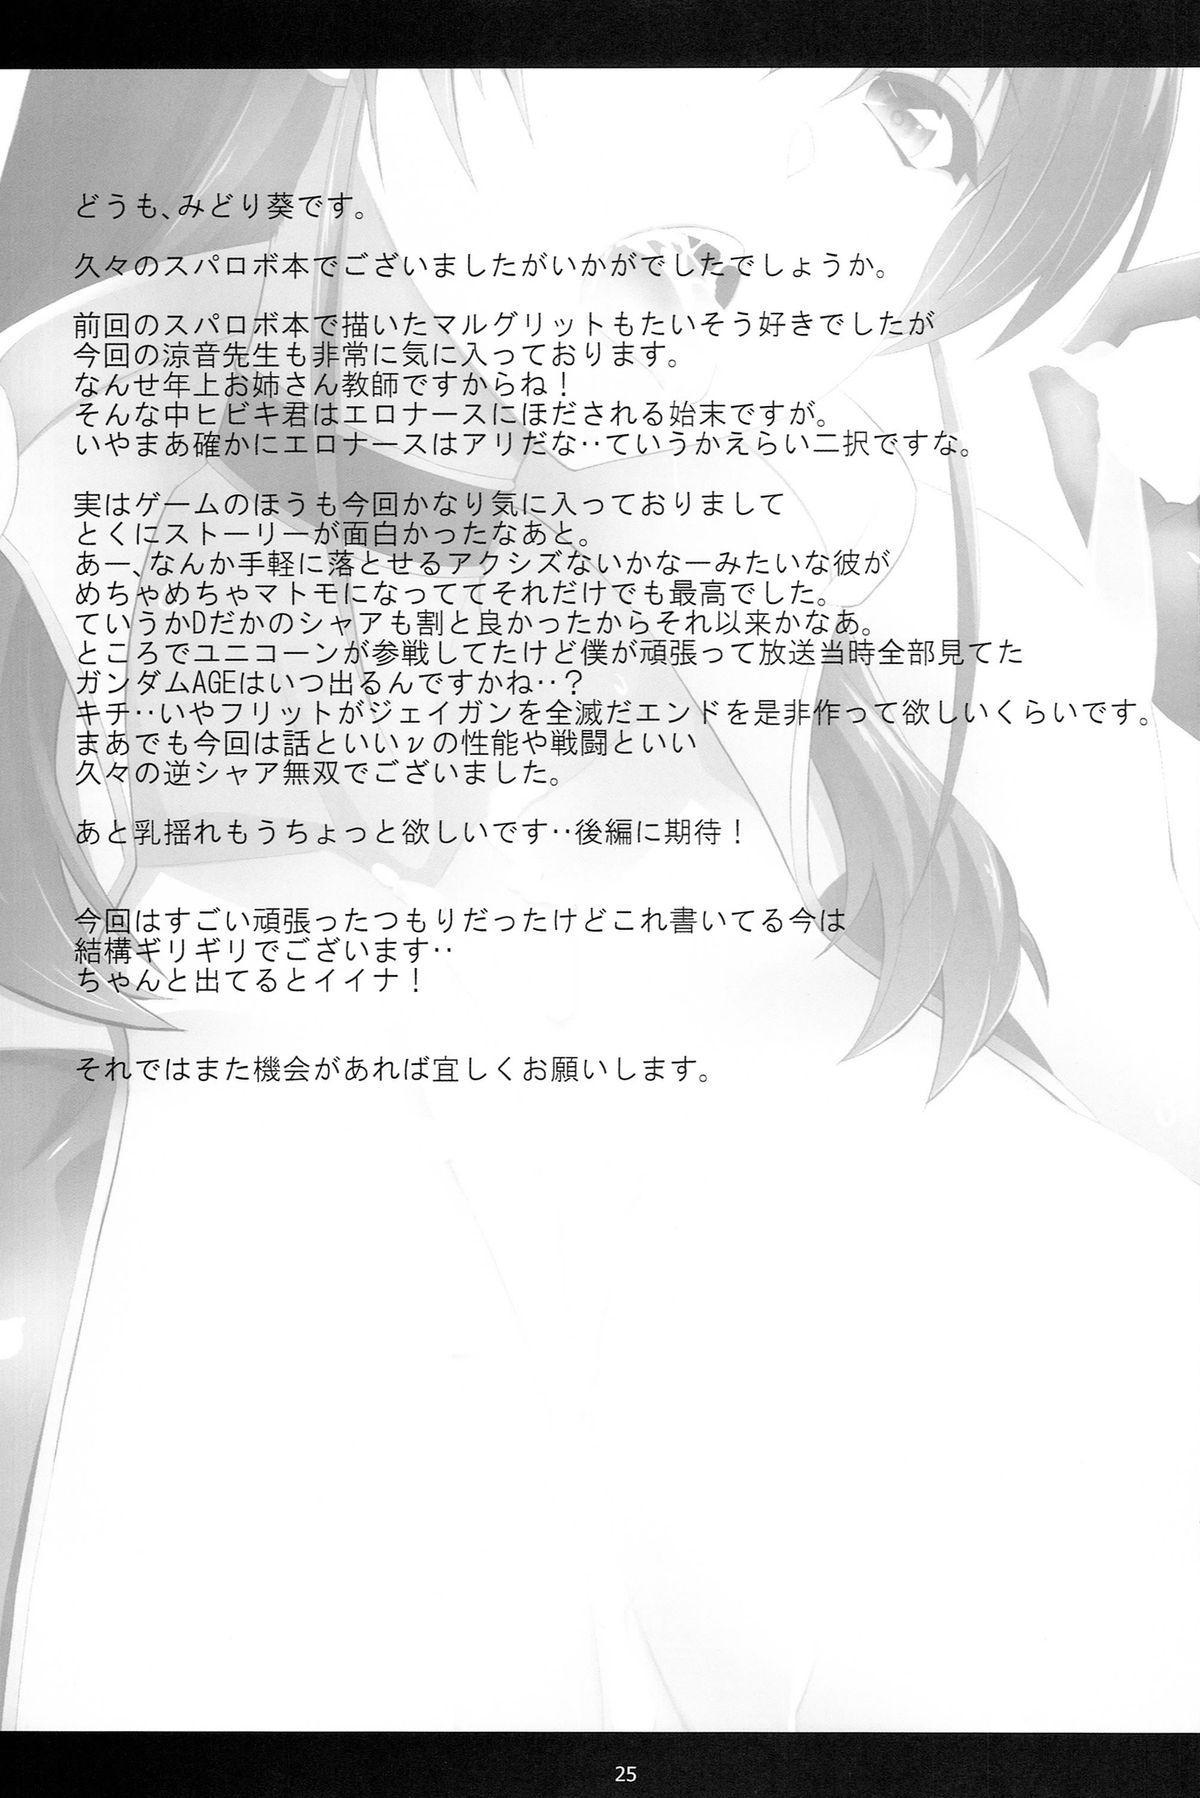 Saijou Suzune no Seiyoku Shori Kyoushitu 25